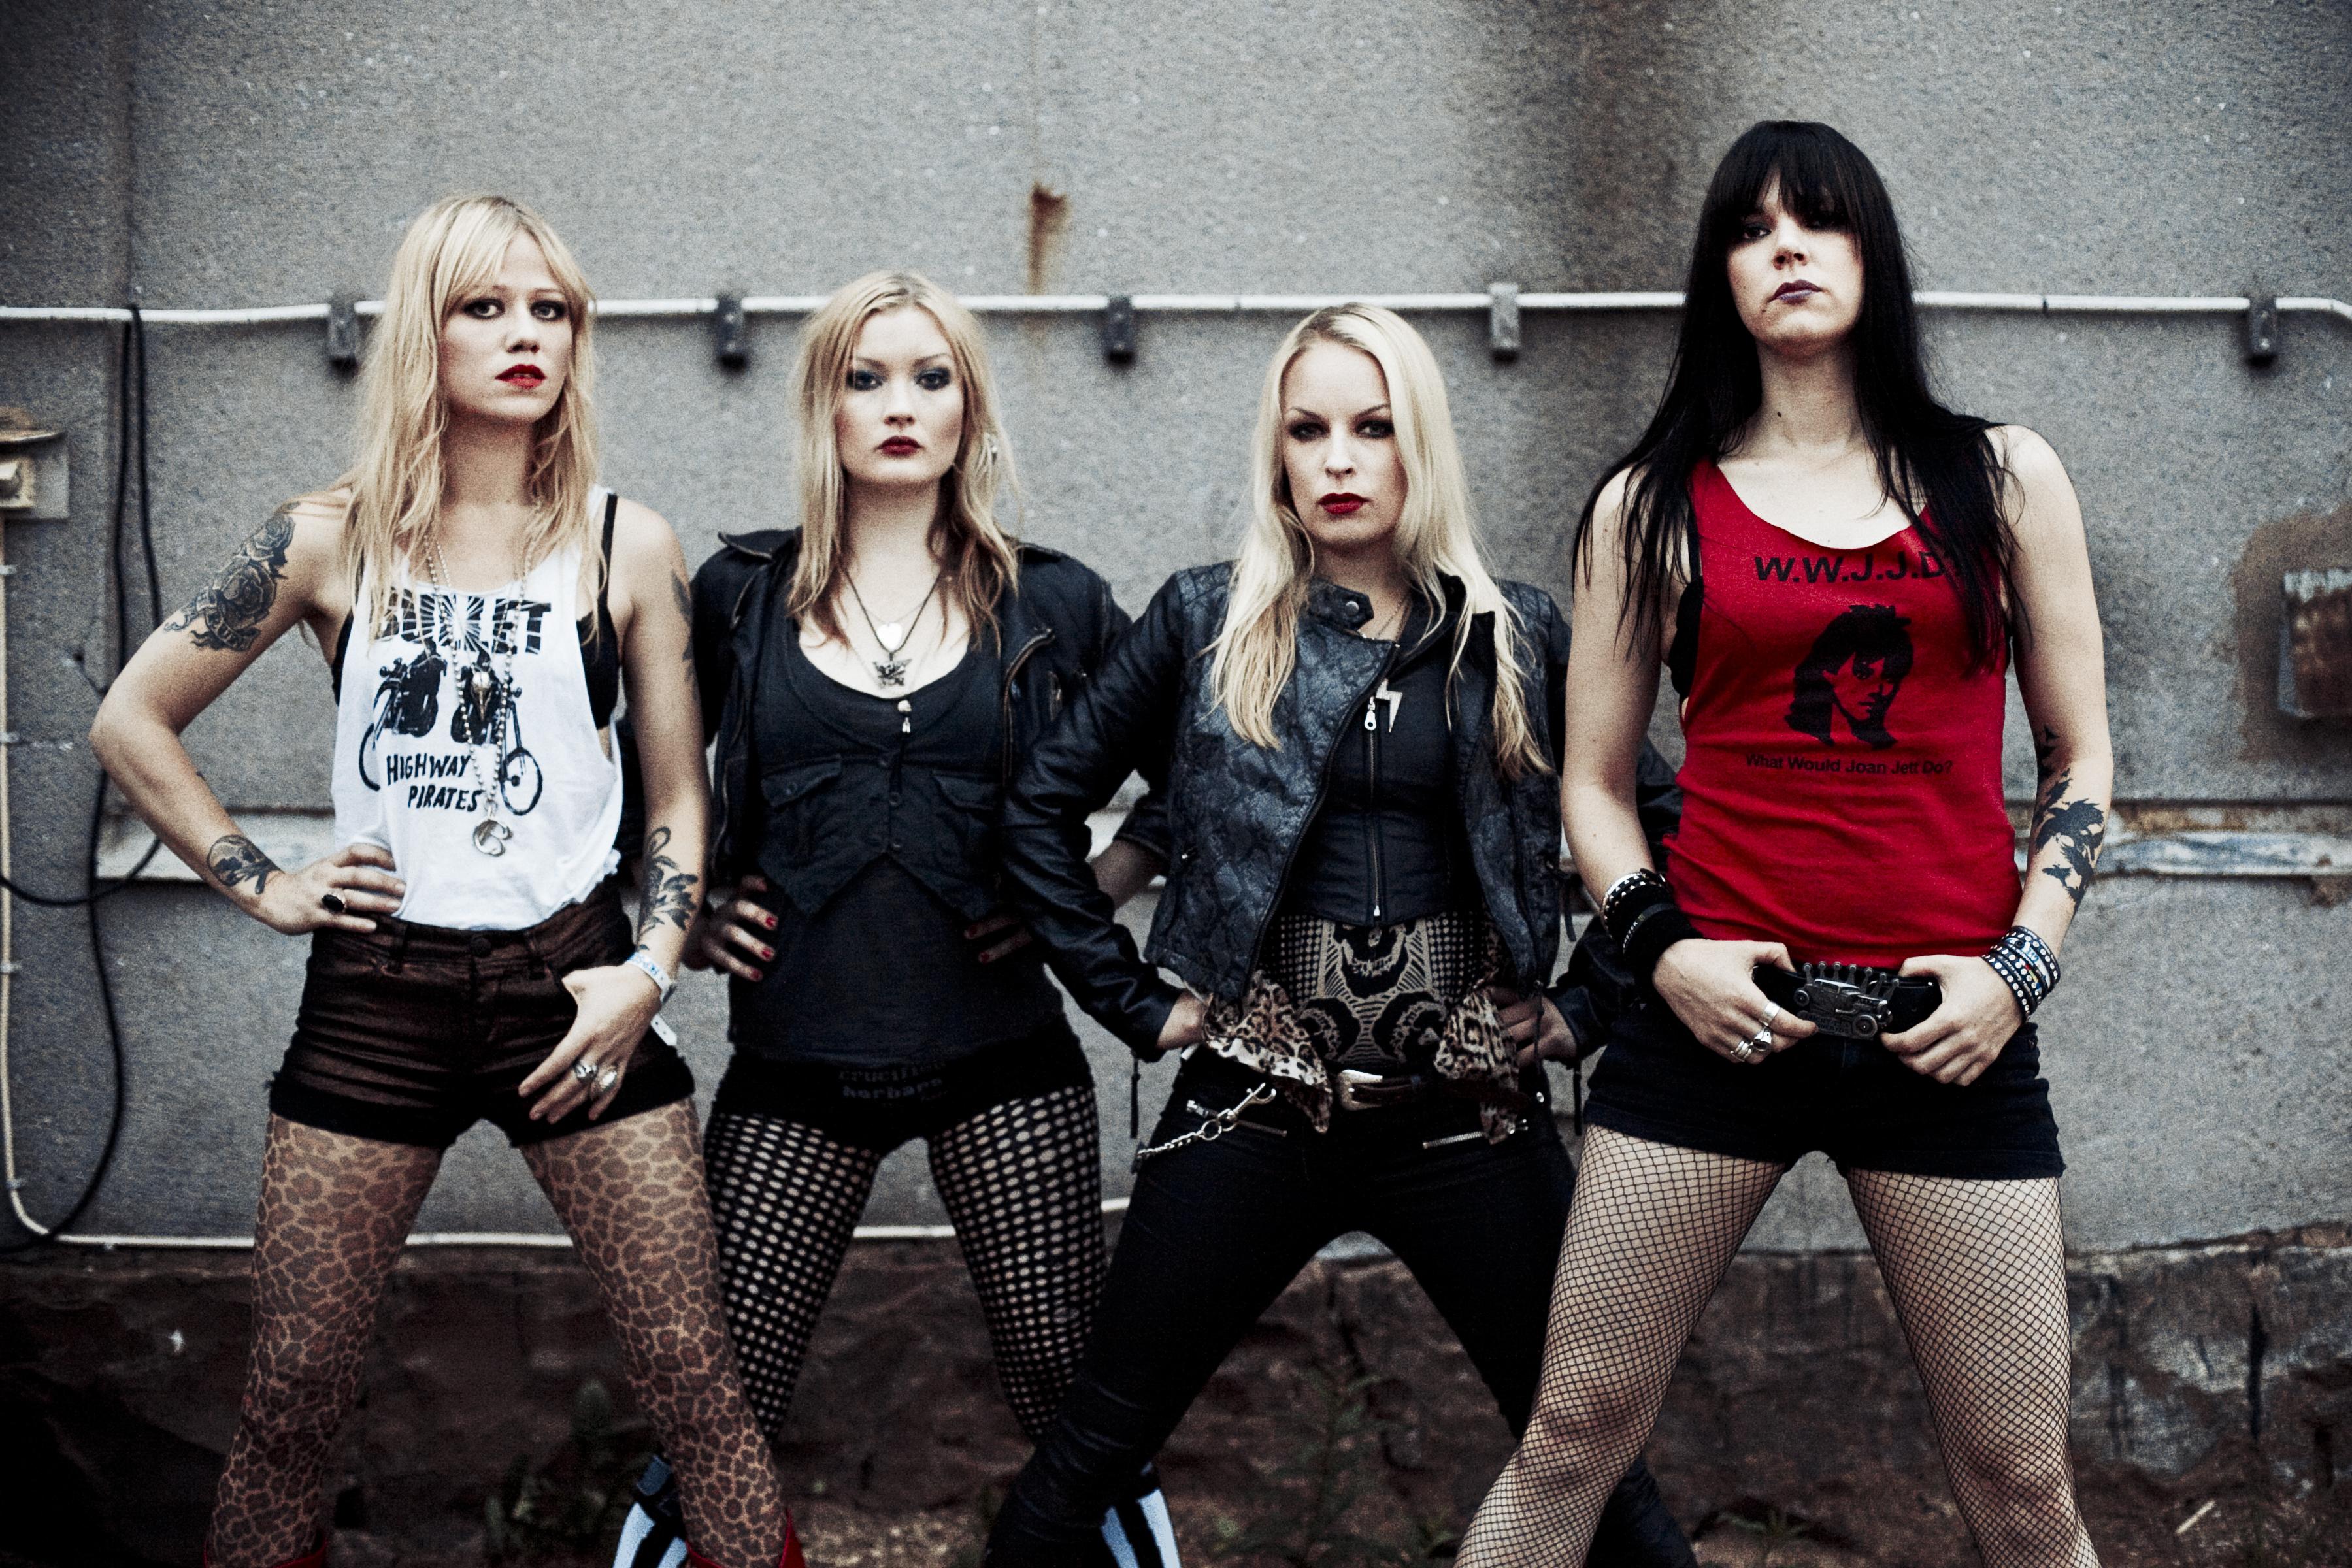 поп рок группы с женским вокалом